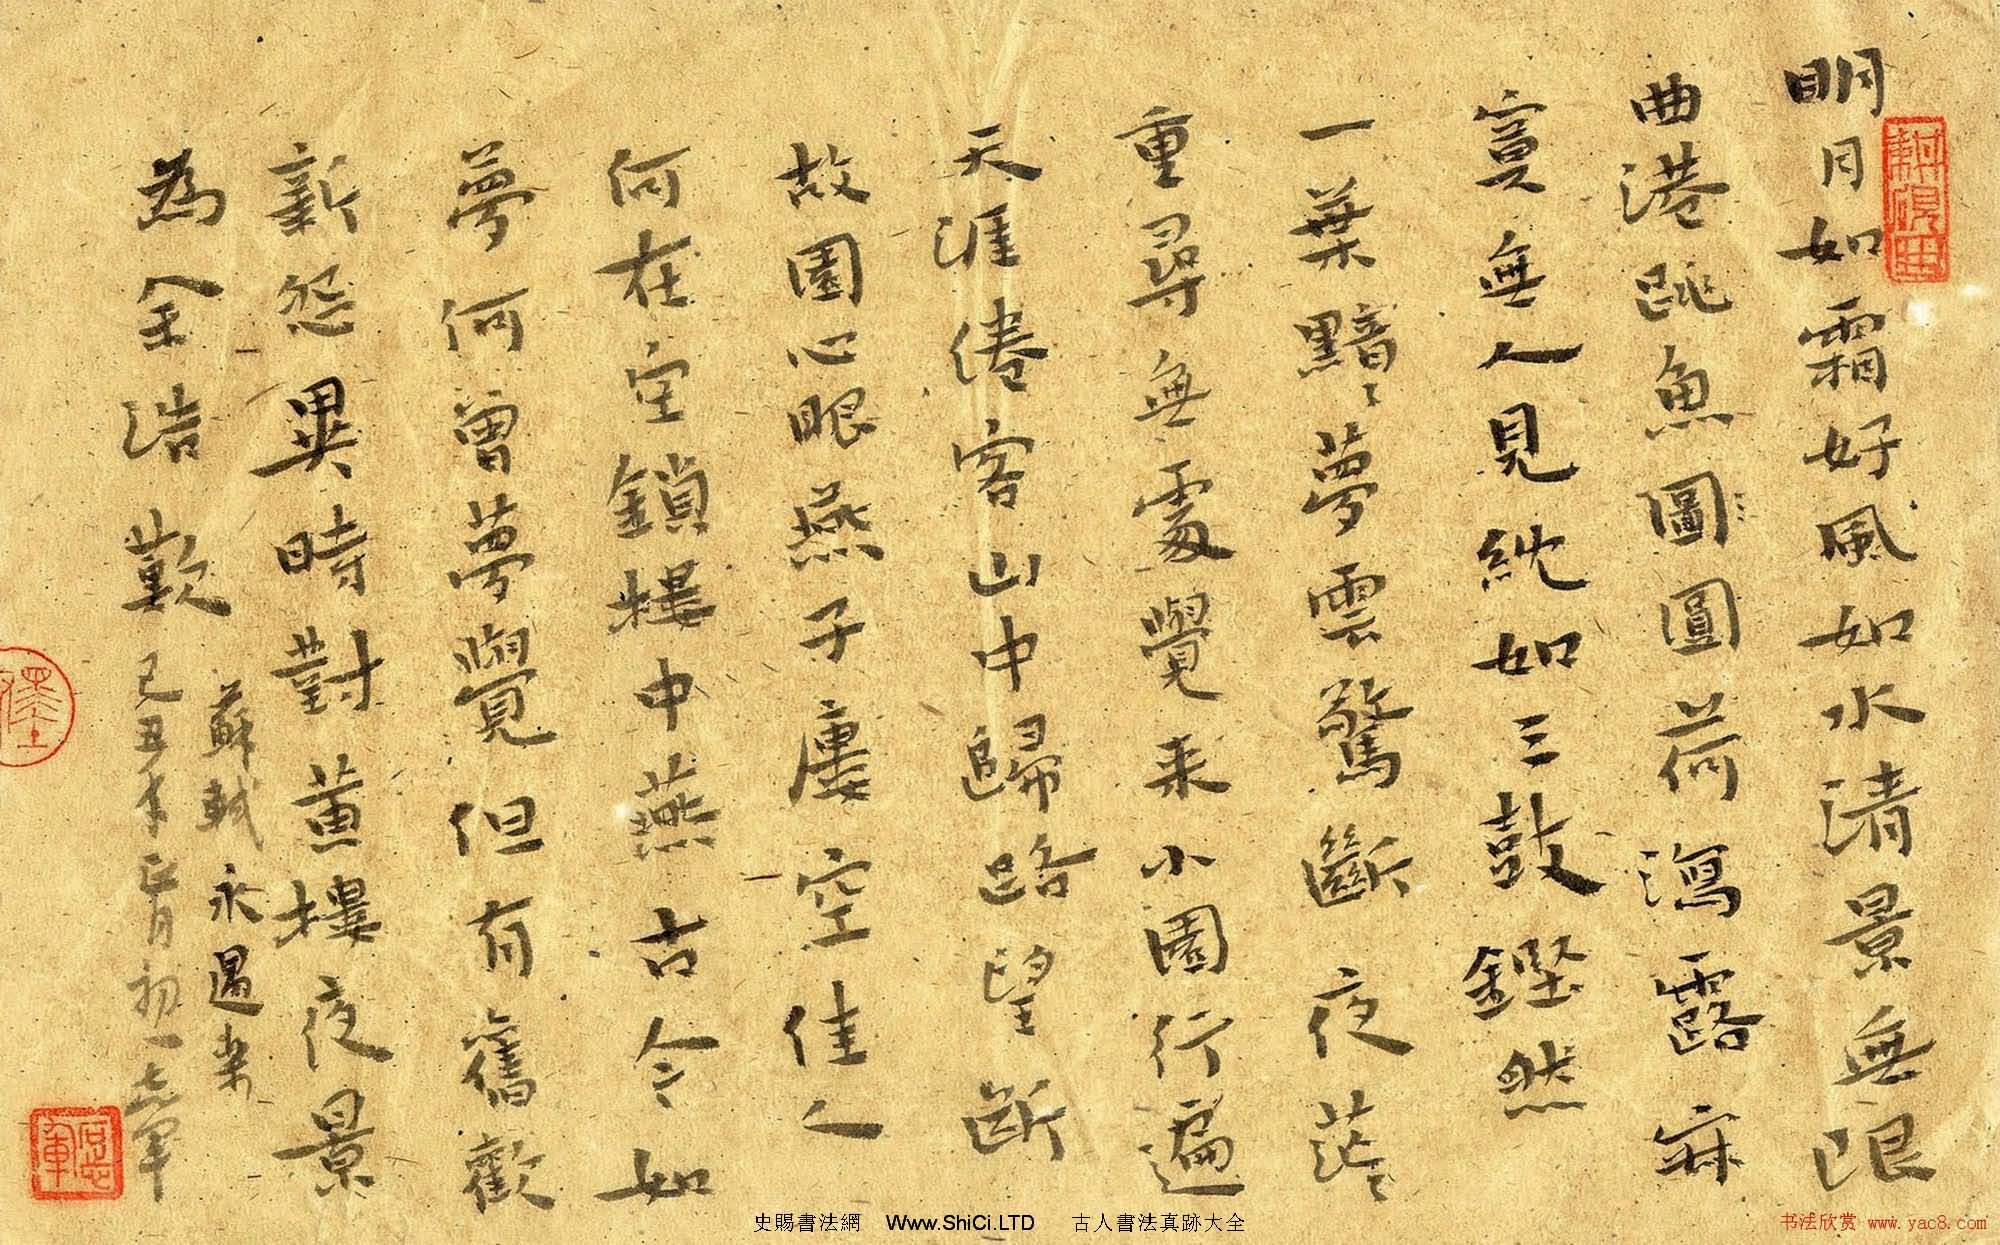 石志軍軟硬筆書法作品